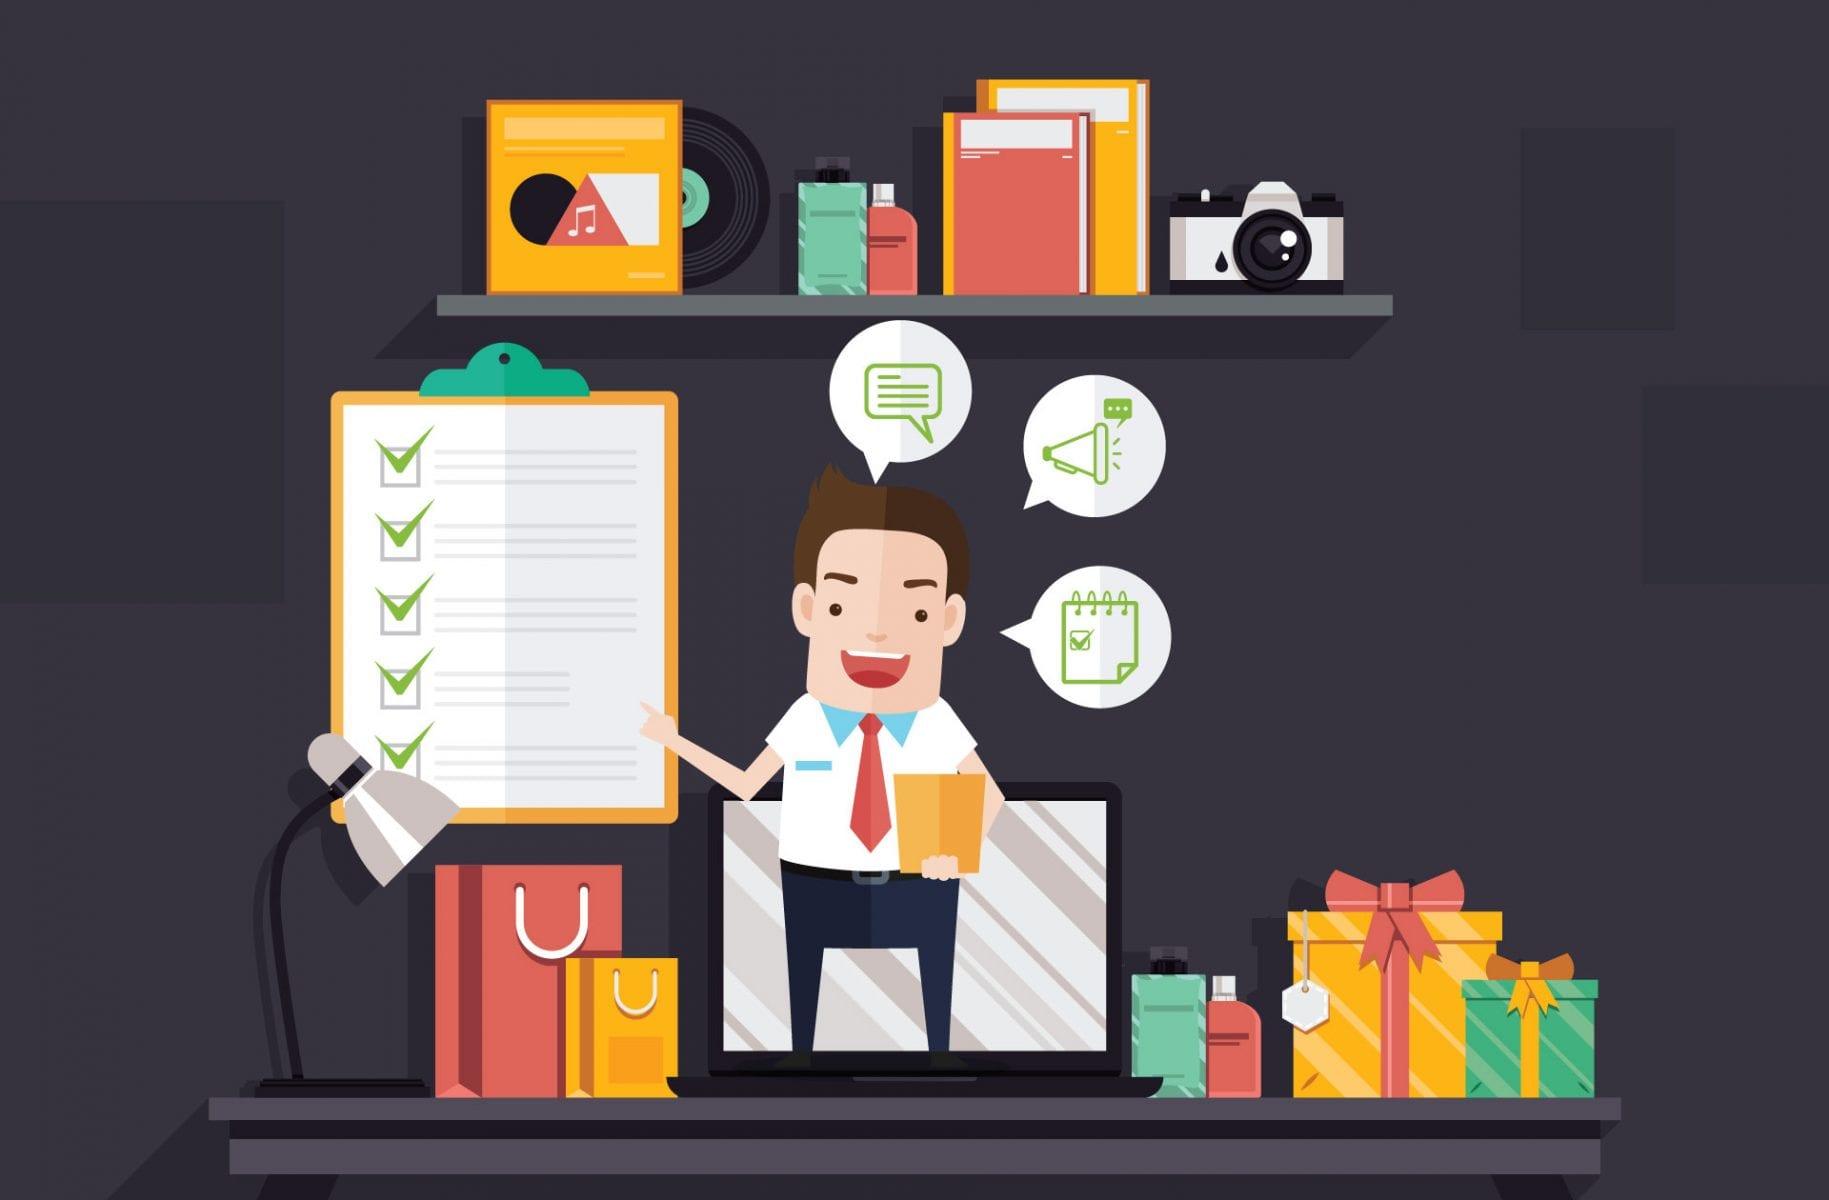 Como escolher a Agência de Marketing Digital Certa para Si | euDigital - Agência de Marketing Digital